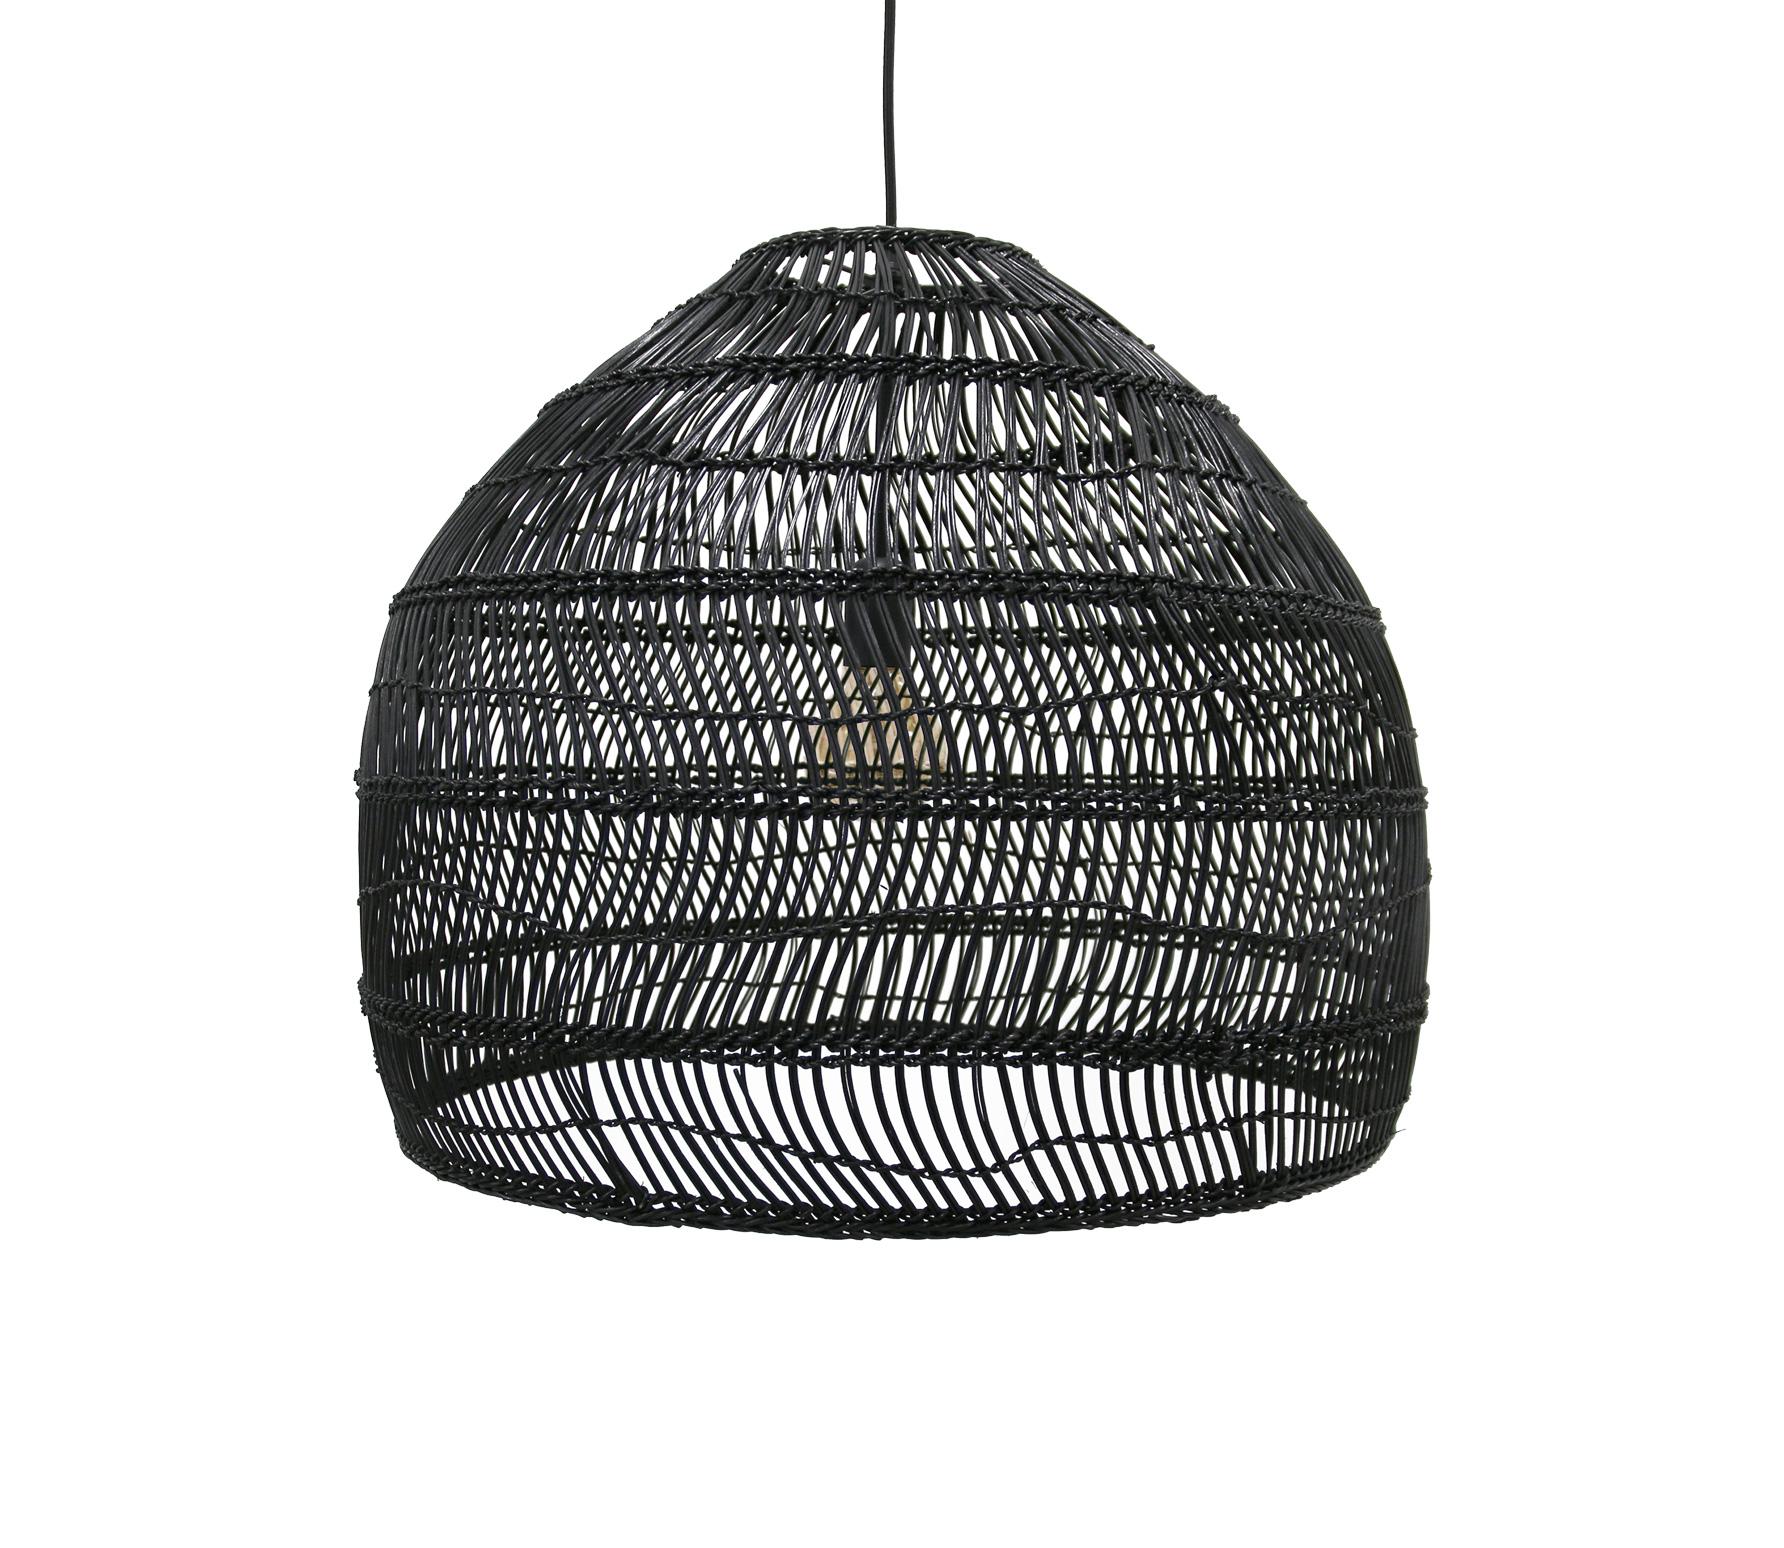 HKLiving Ball hanglamp riet zwart Ø 60 cm